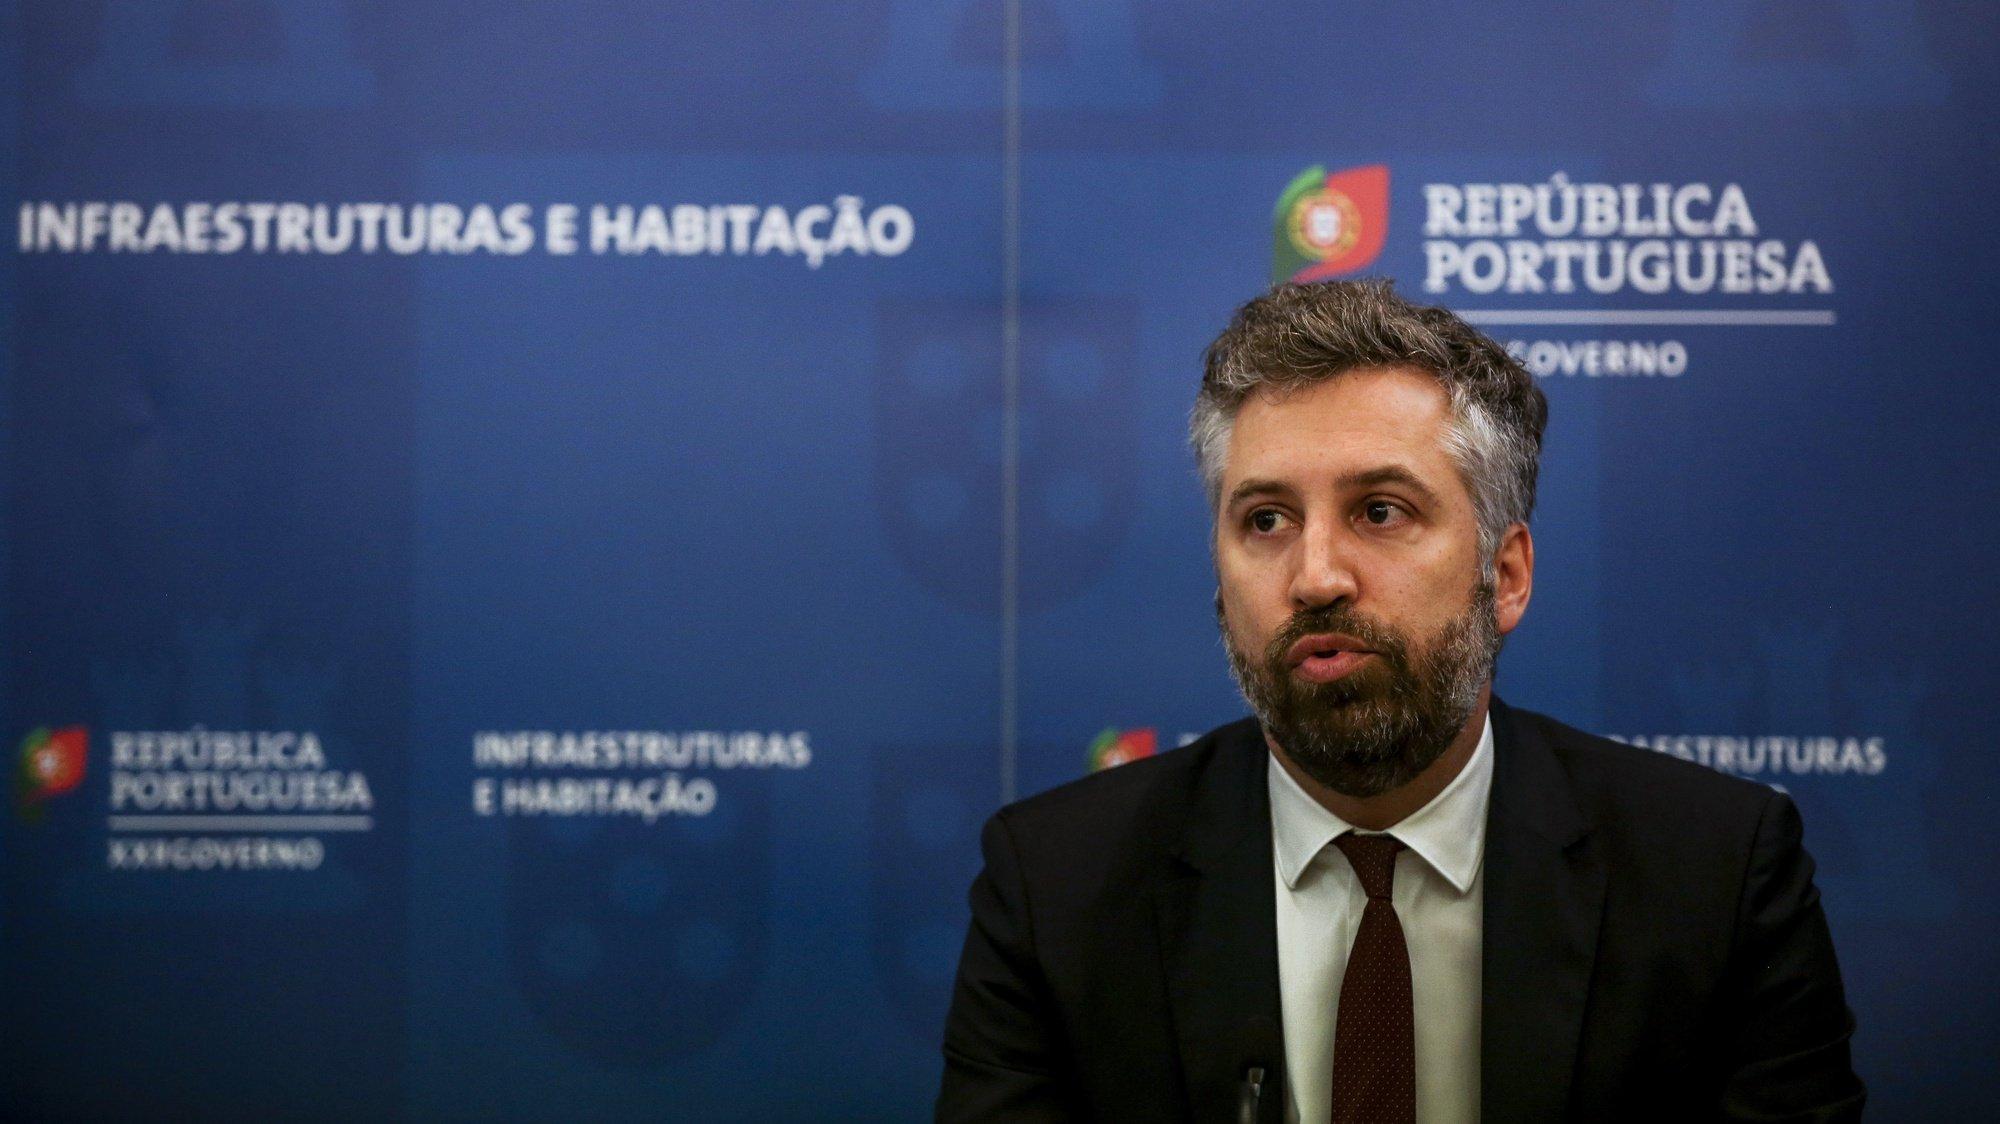 O ministro das Infraestruturas e da Habitação, Pedro Nuno Santos, durante a conferência de imprensa para explicar os detalhes do Plano de Restruturação da TAP, entregue dia 10 de dezembro em Bruxelas, em Lisboa, 11 de dezembro de 2020. NUNO FOX/LUSA